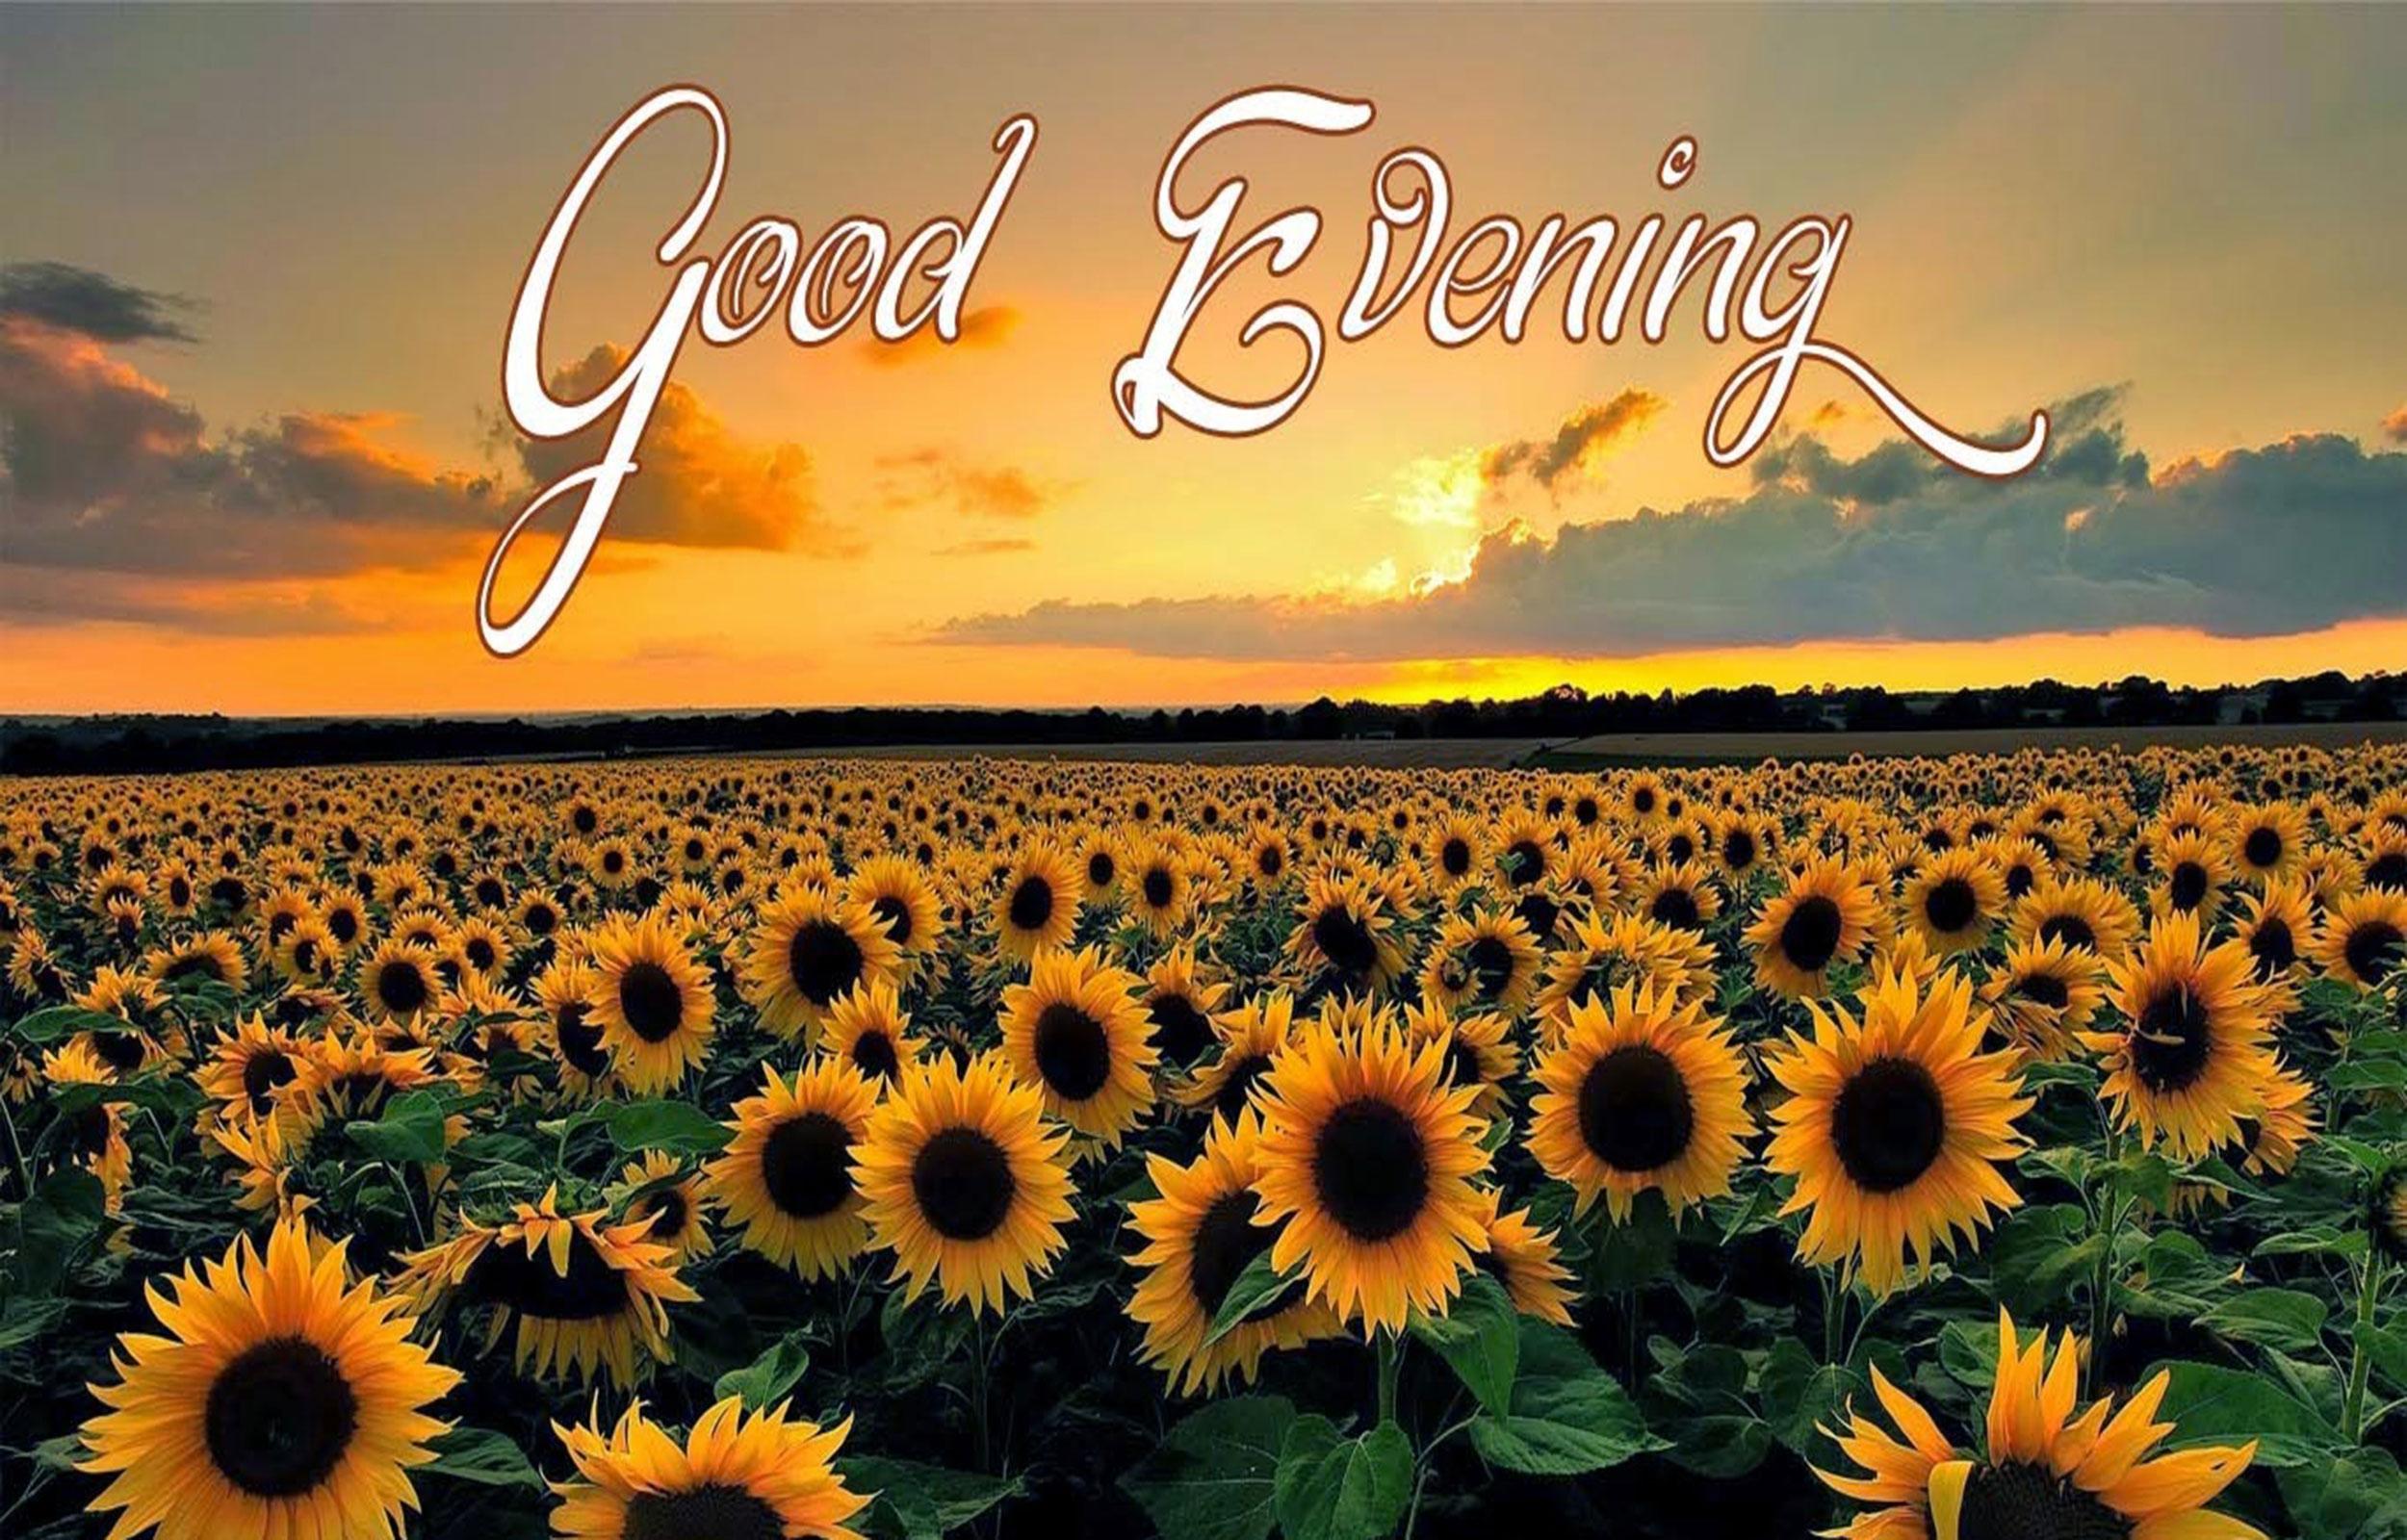 Good Evening Sunflower Garden